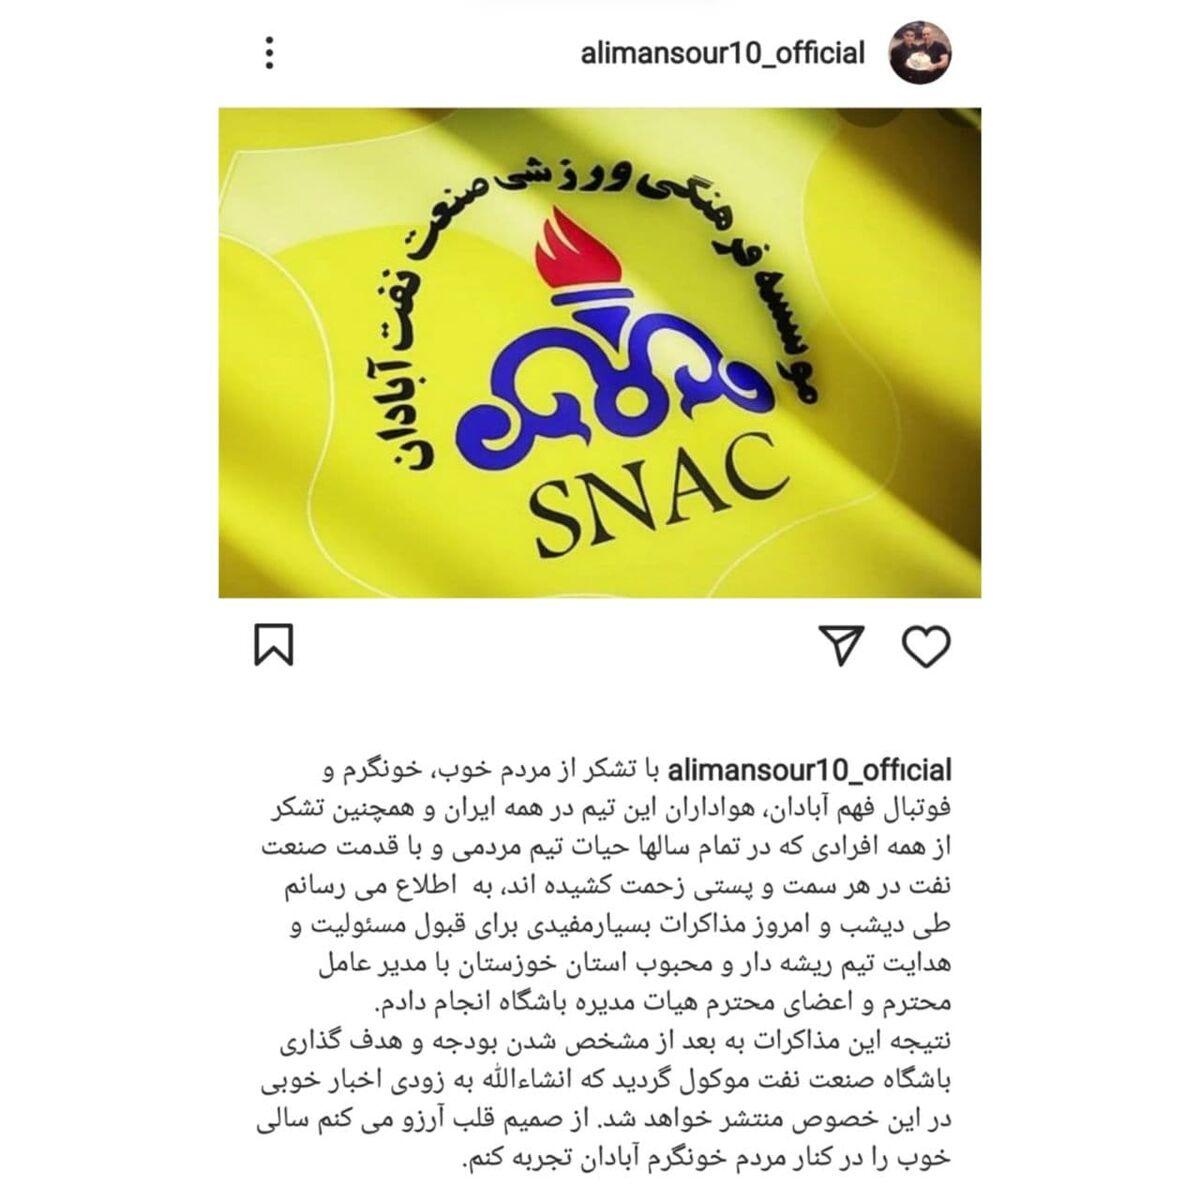 مژده علیرضا منصوریان در اینستاگرام/ منتظر خبرهای خوب باشید!